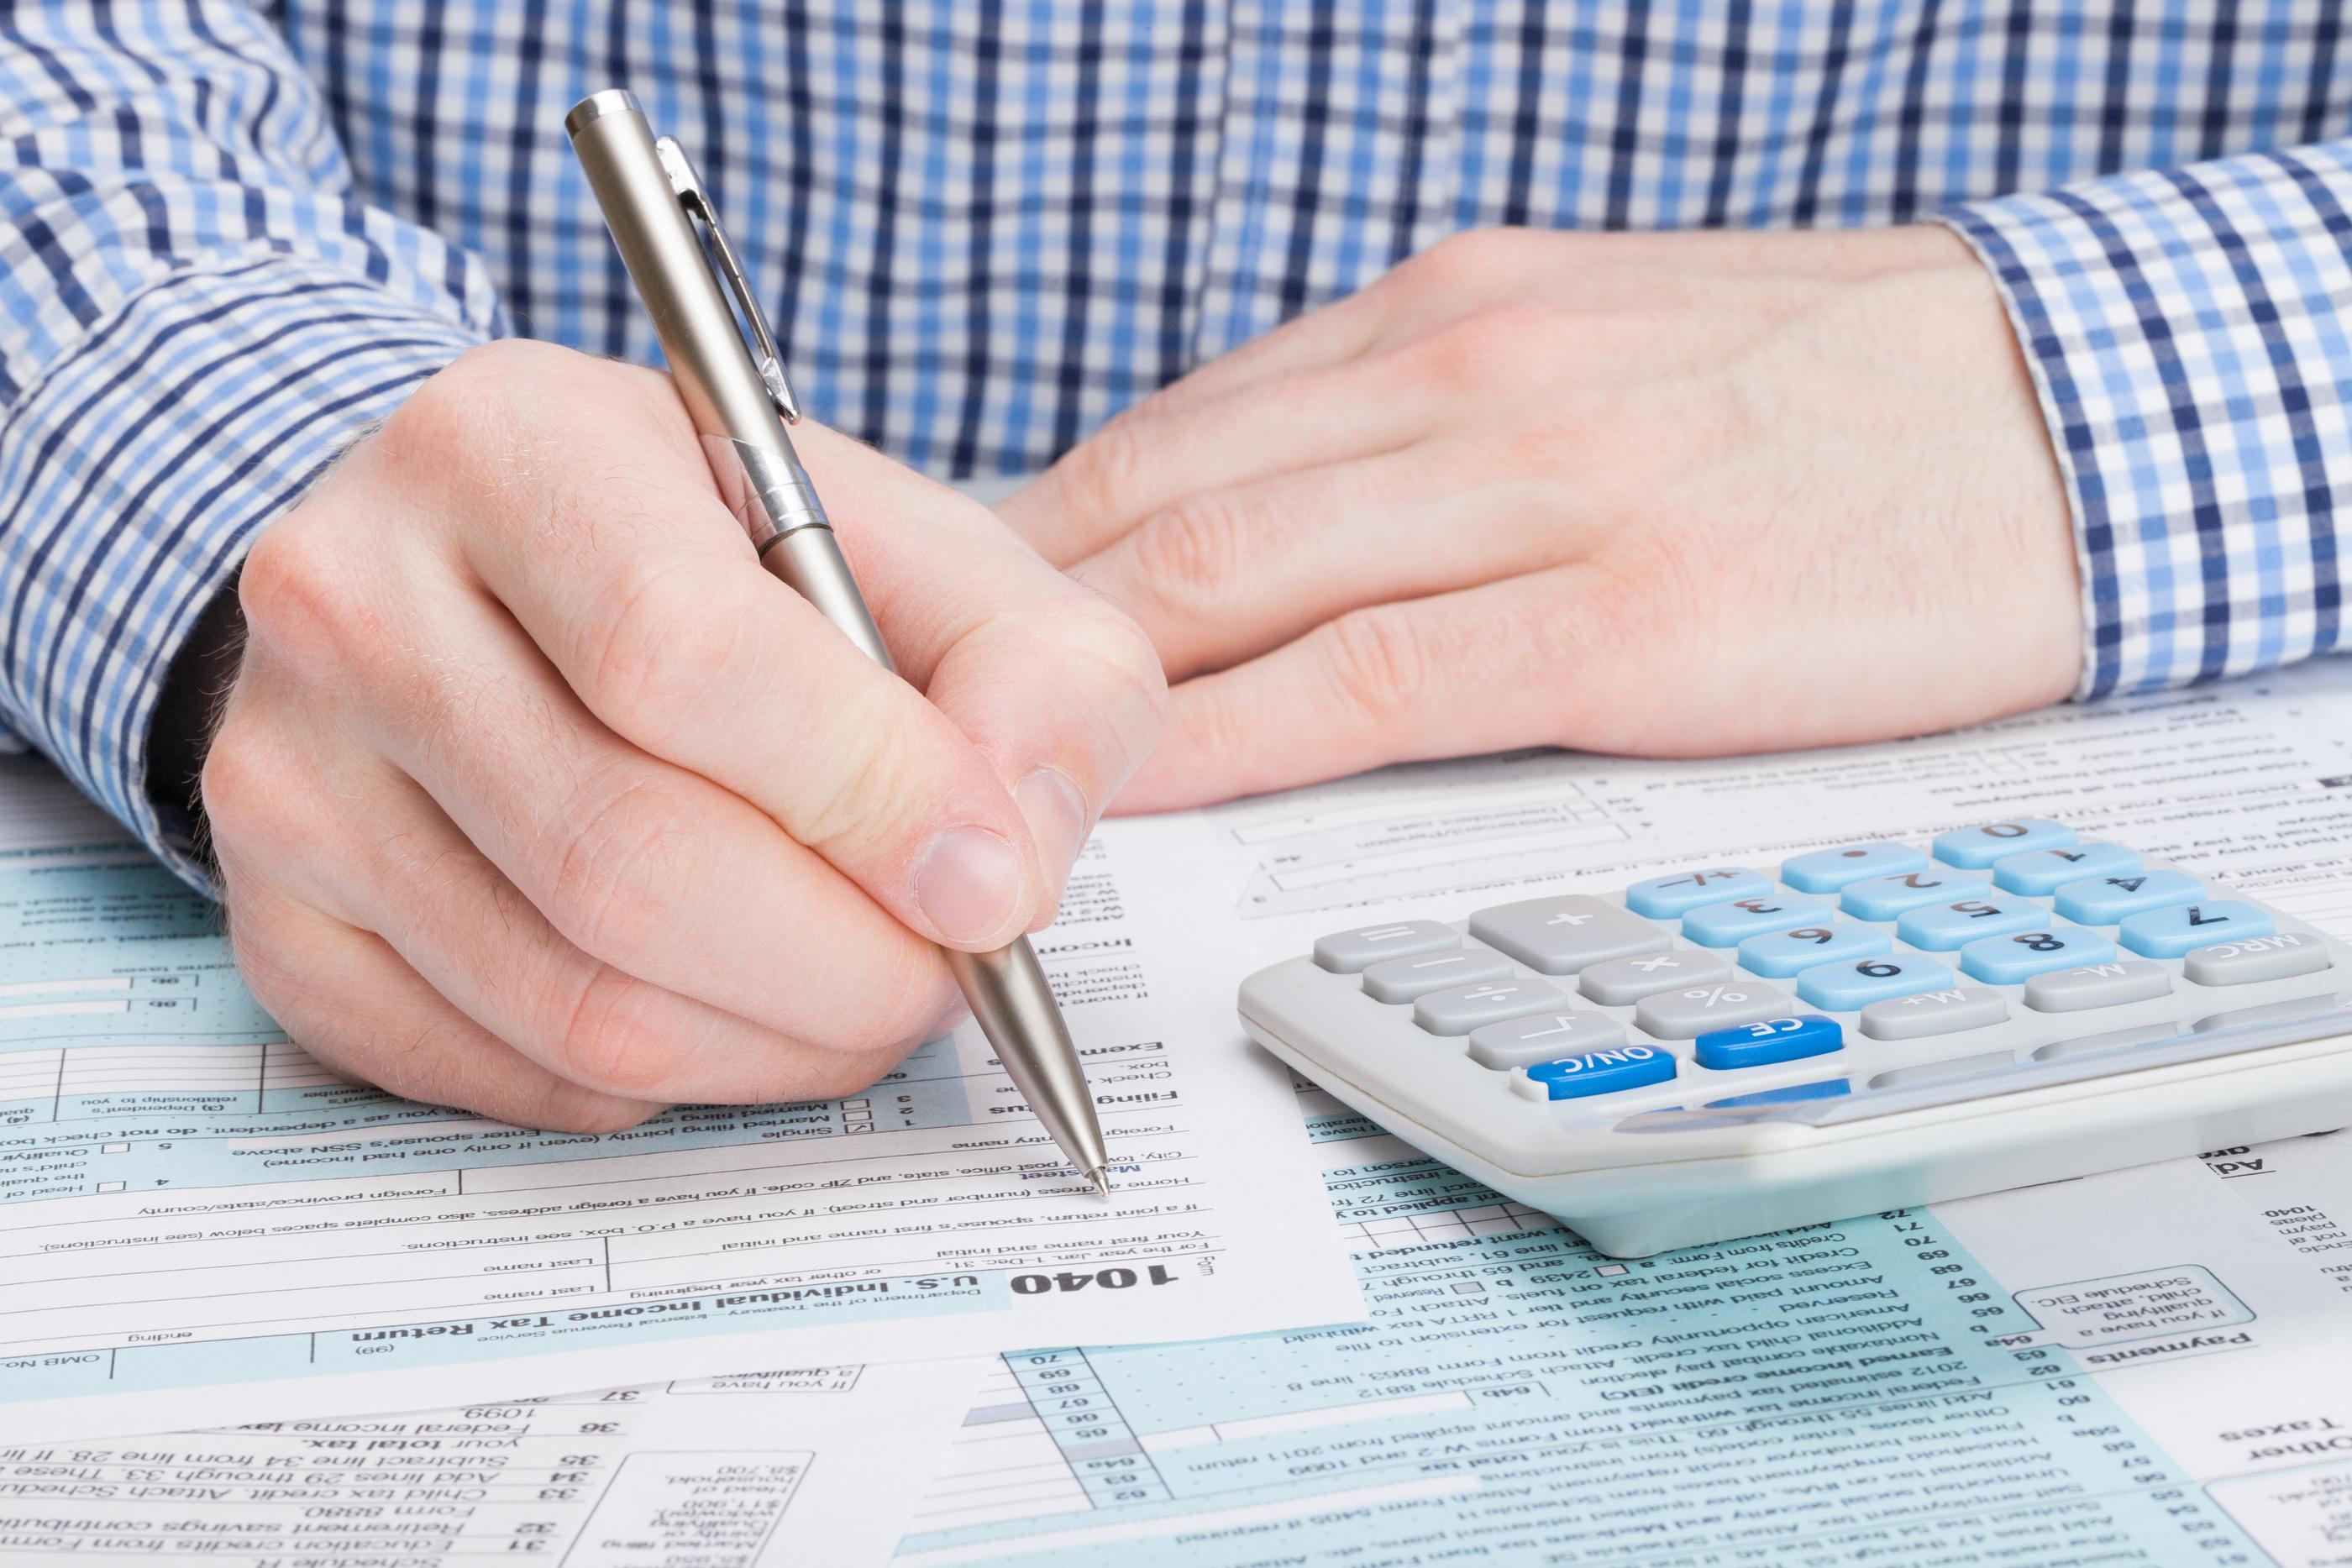 1099 tax form